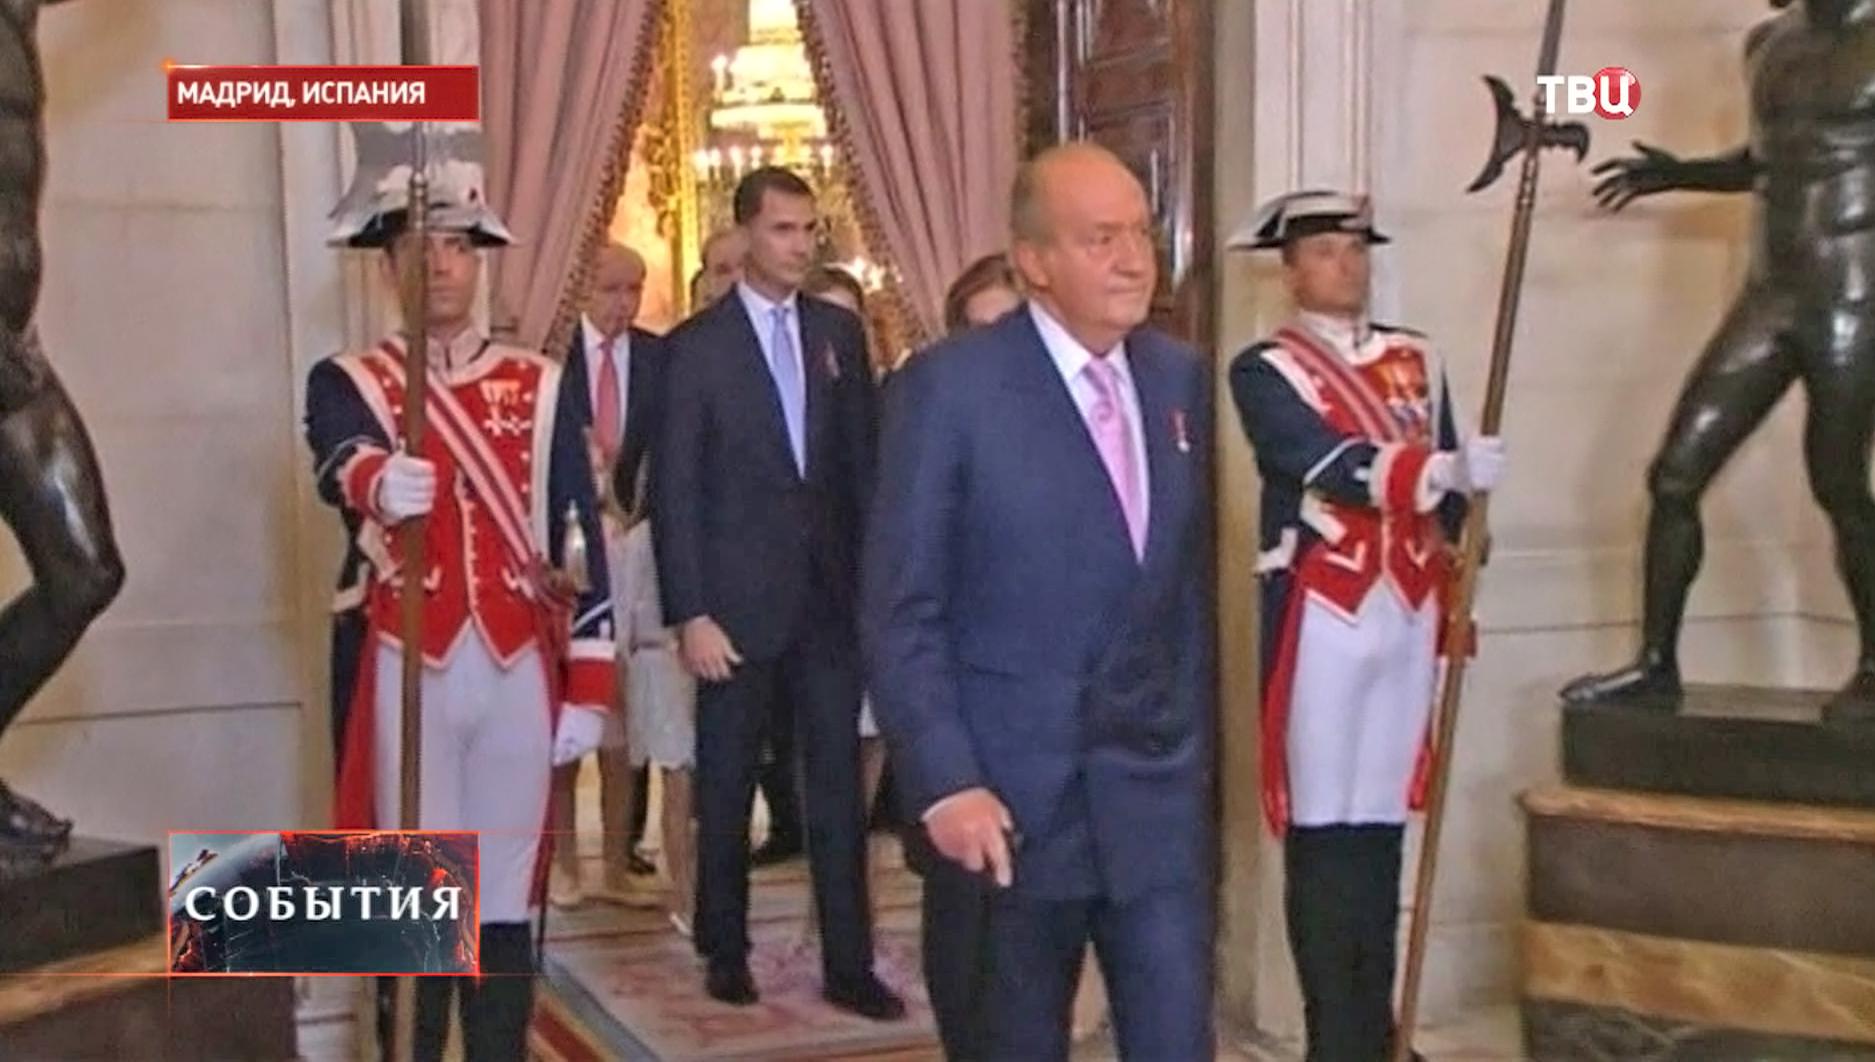 Бывший король Испании Хуан Карлос I